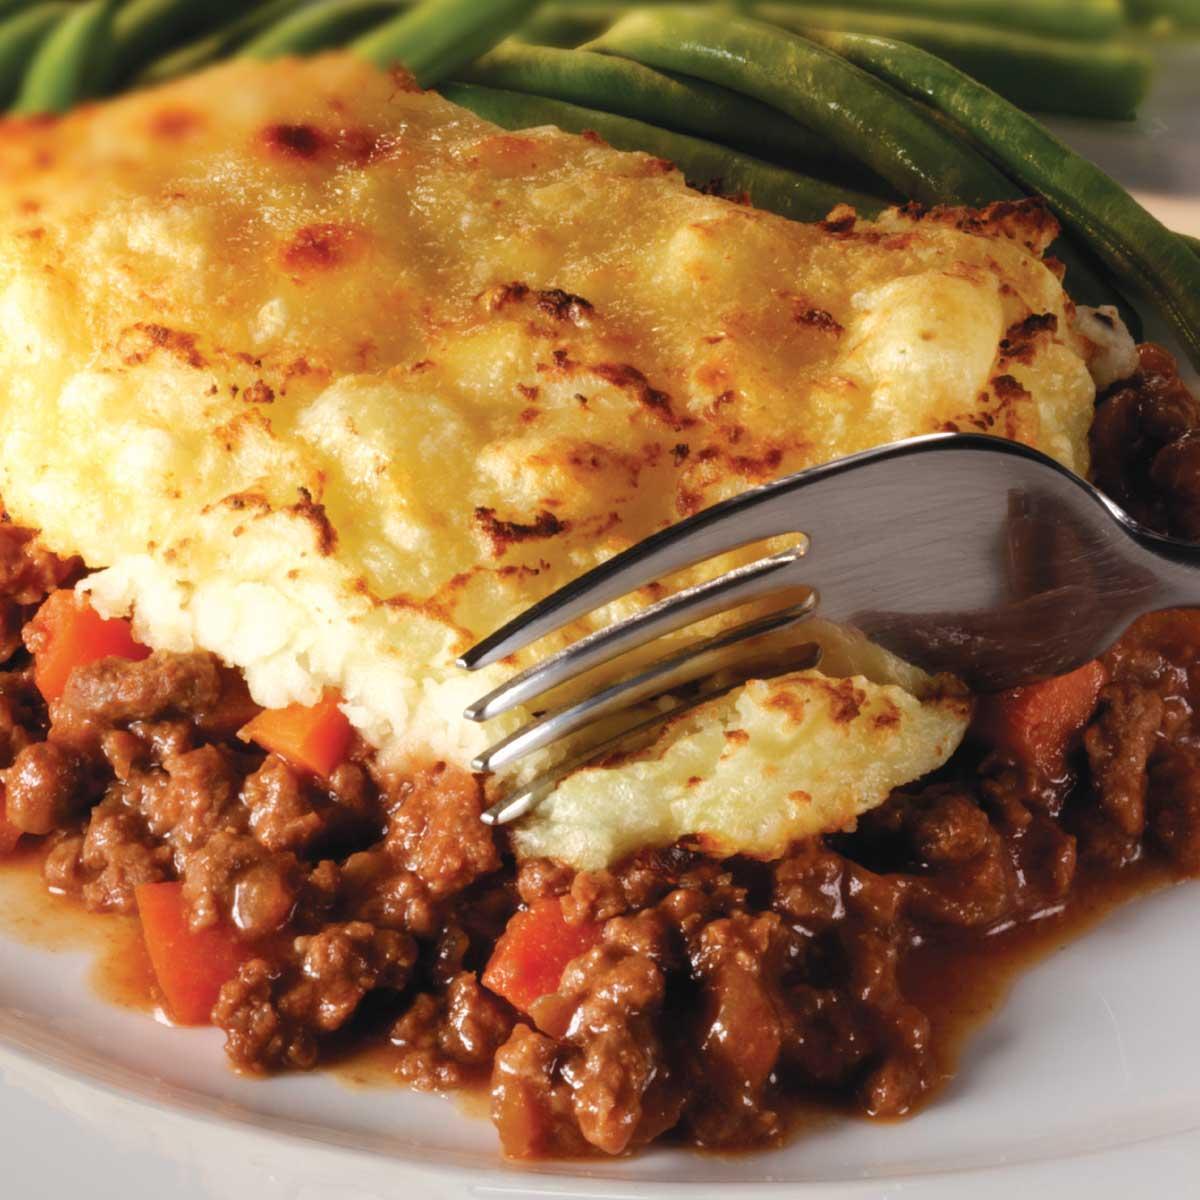 Recette cottage pie cuisine madame figaro - Cuisine venitienne recettes ...